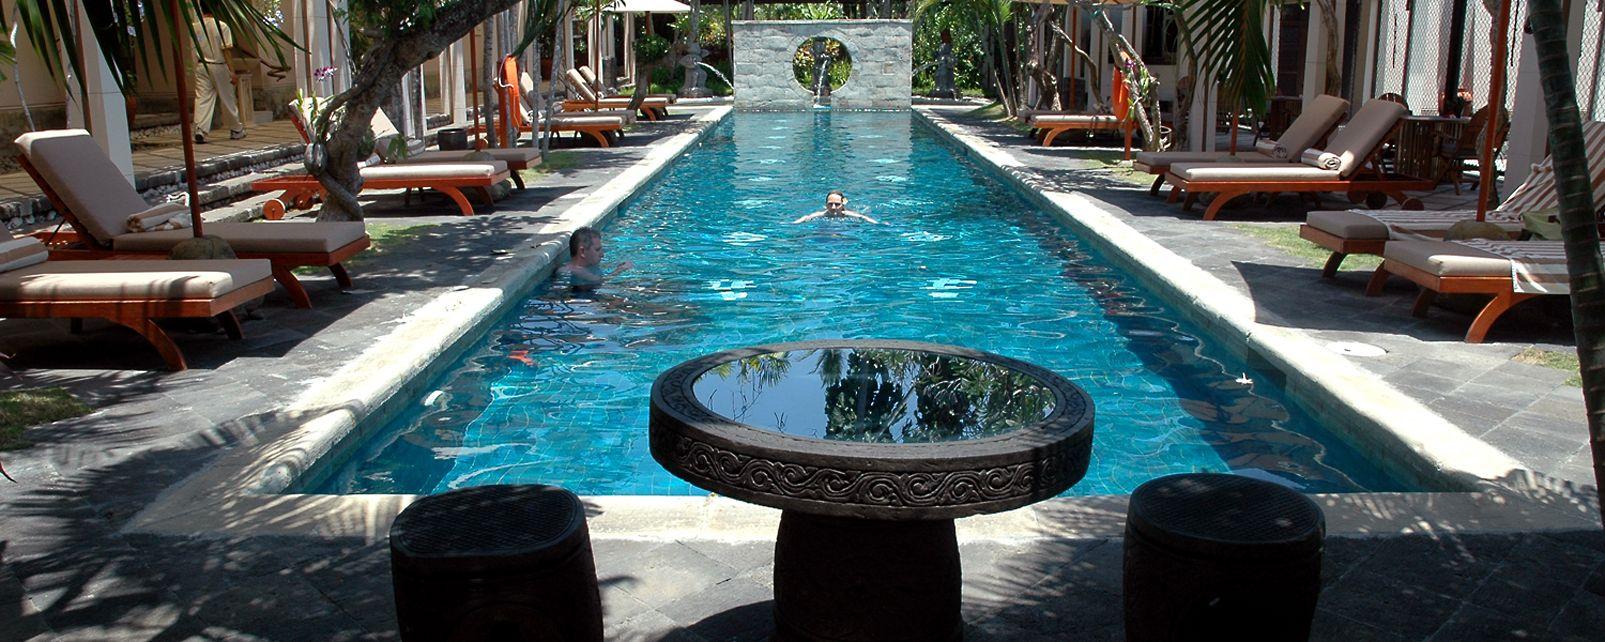 Kappa Club Bali 5*